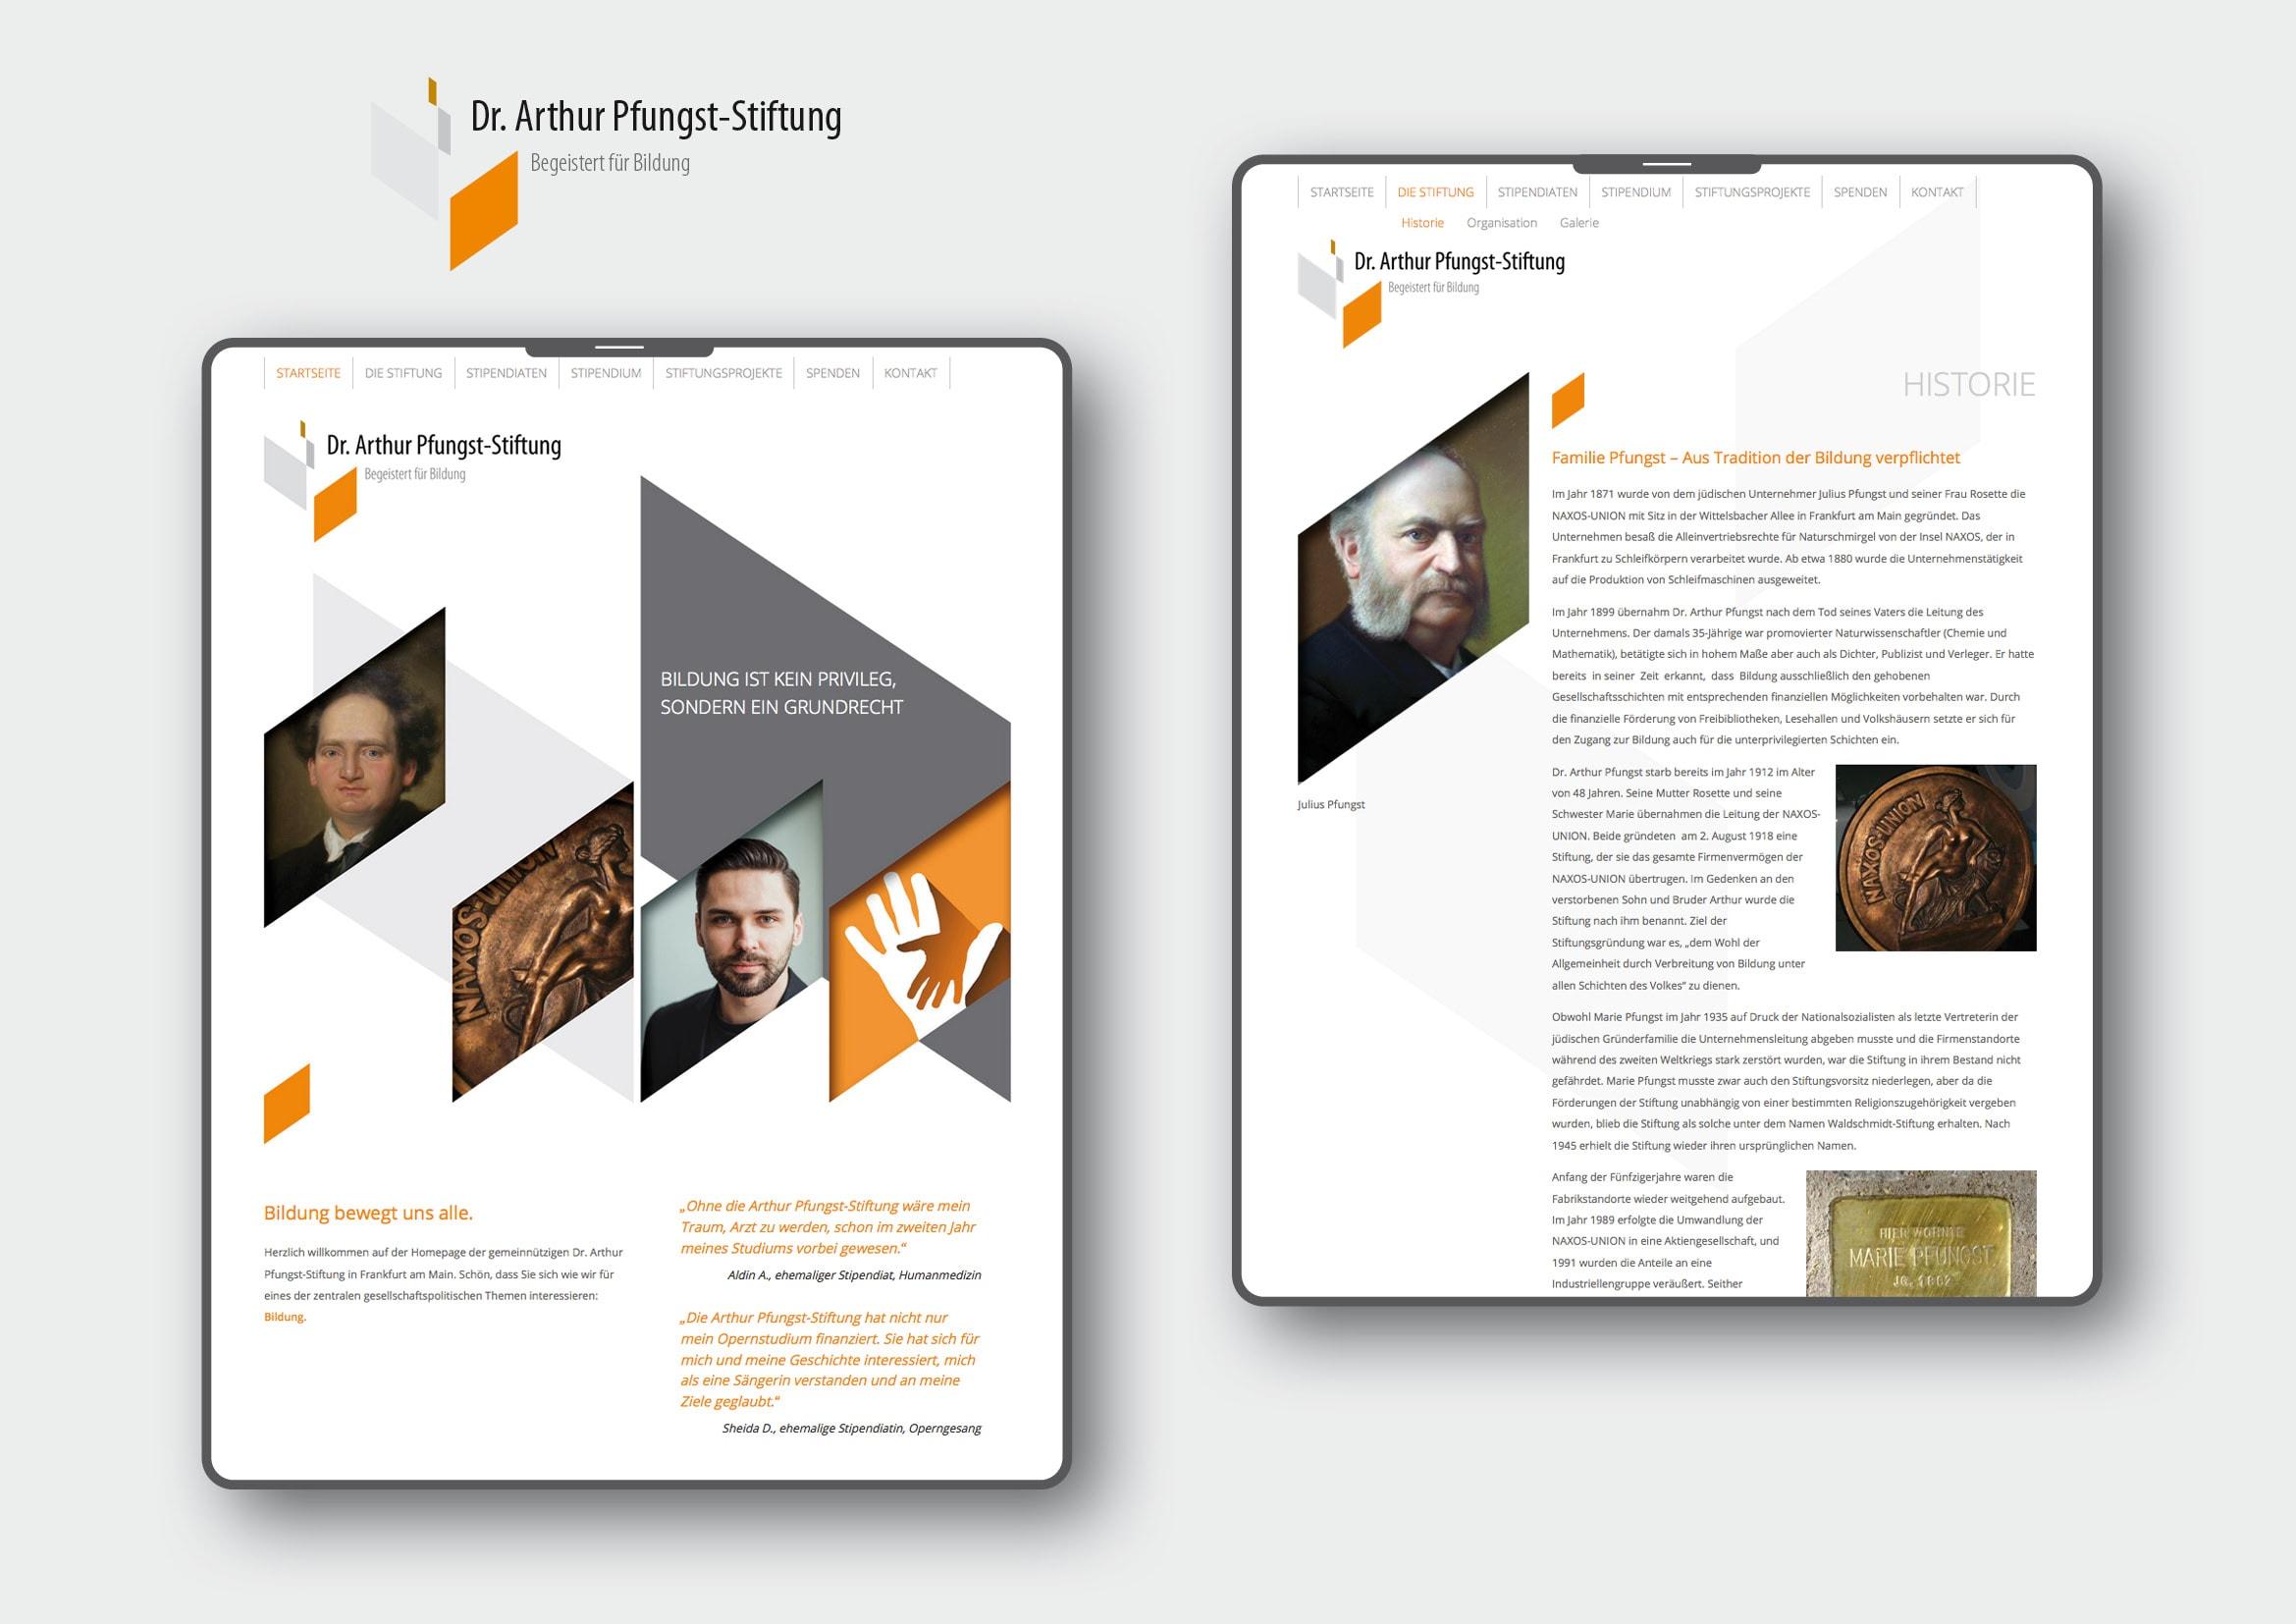 Corporate Design und Homepage Entwicklung für Dr. Arthur Pfungst-Stiftung durch Webdesigner Ronald Wissler